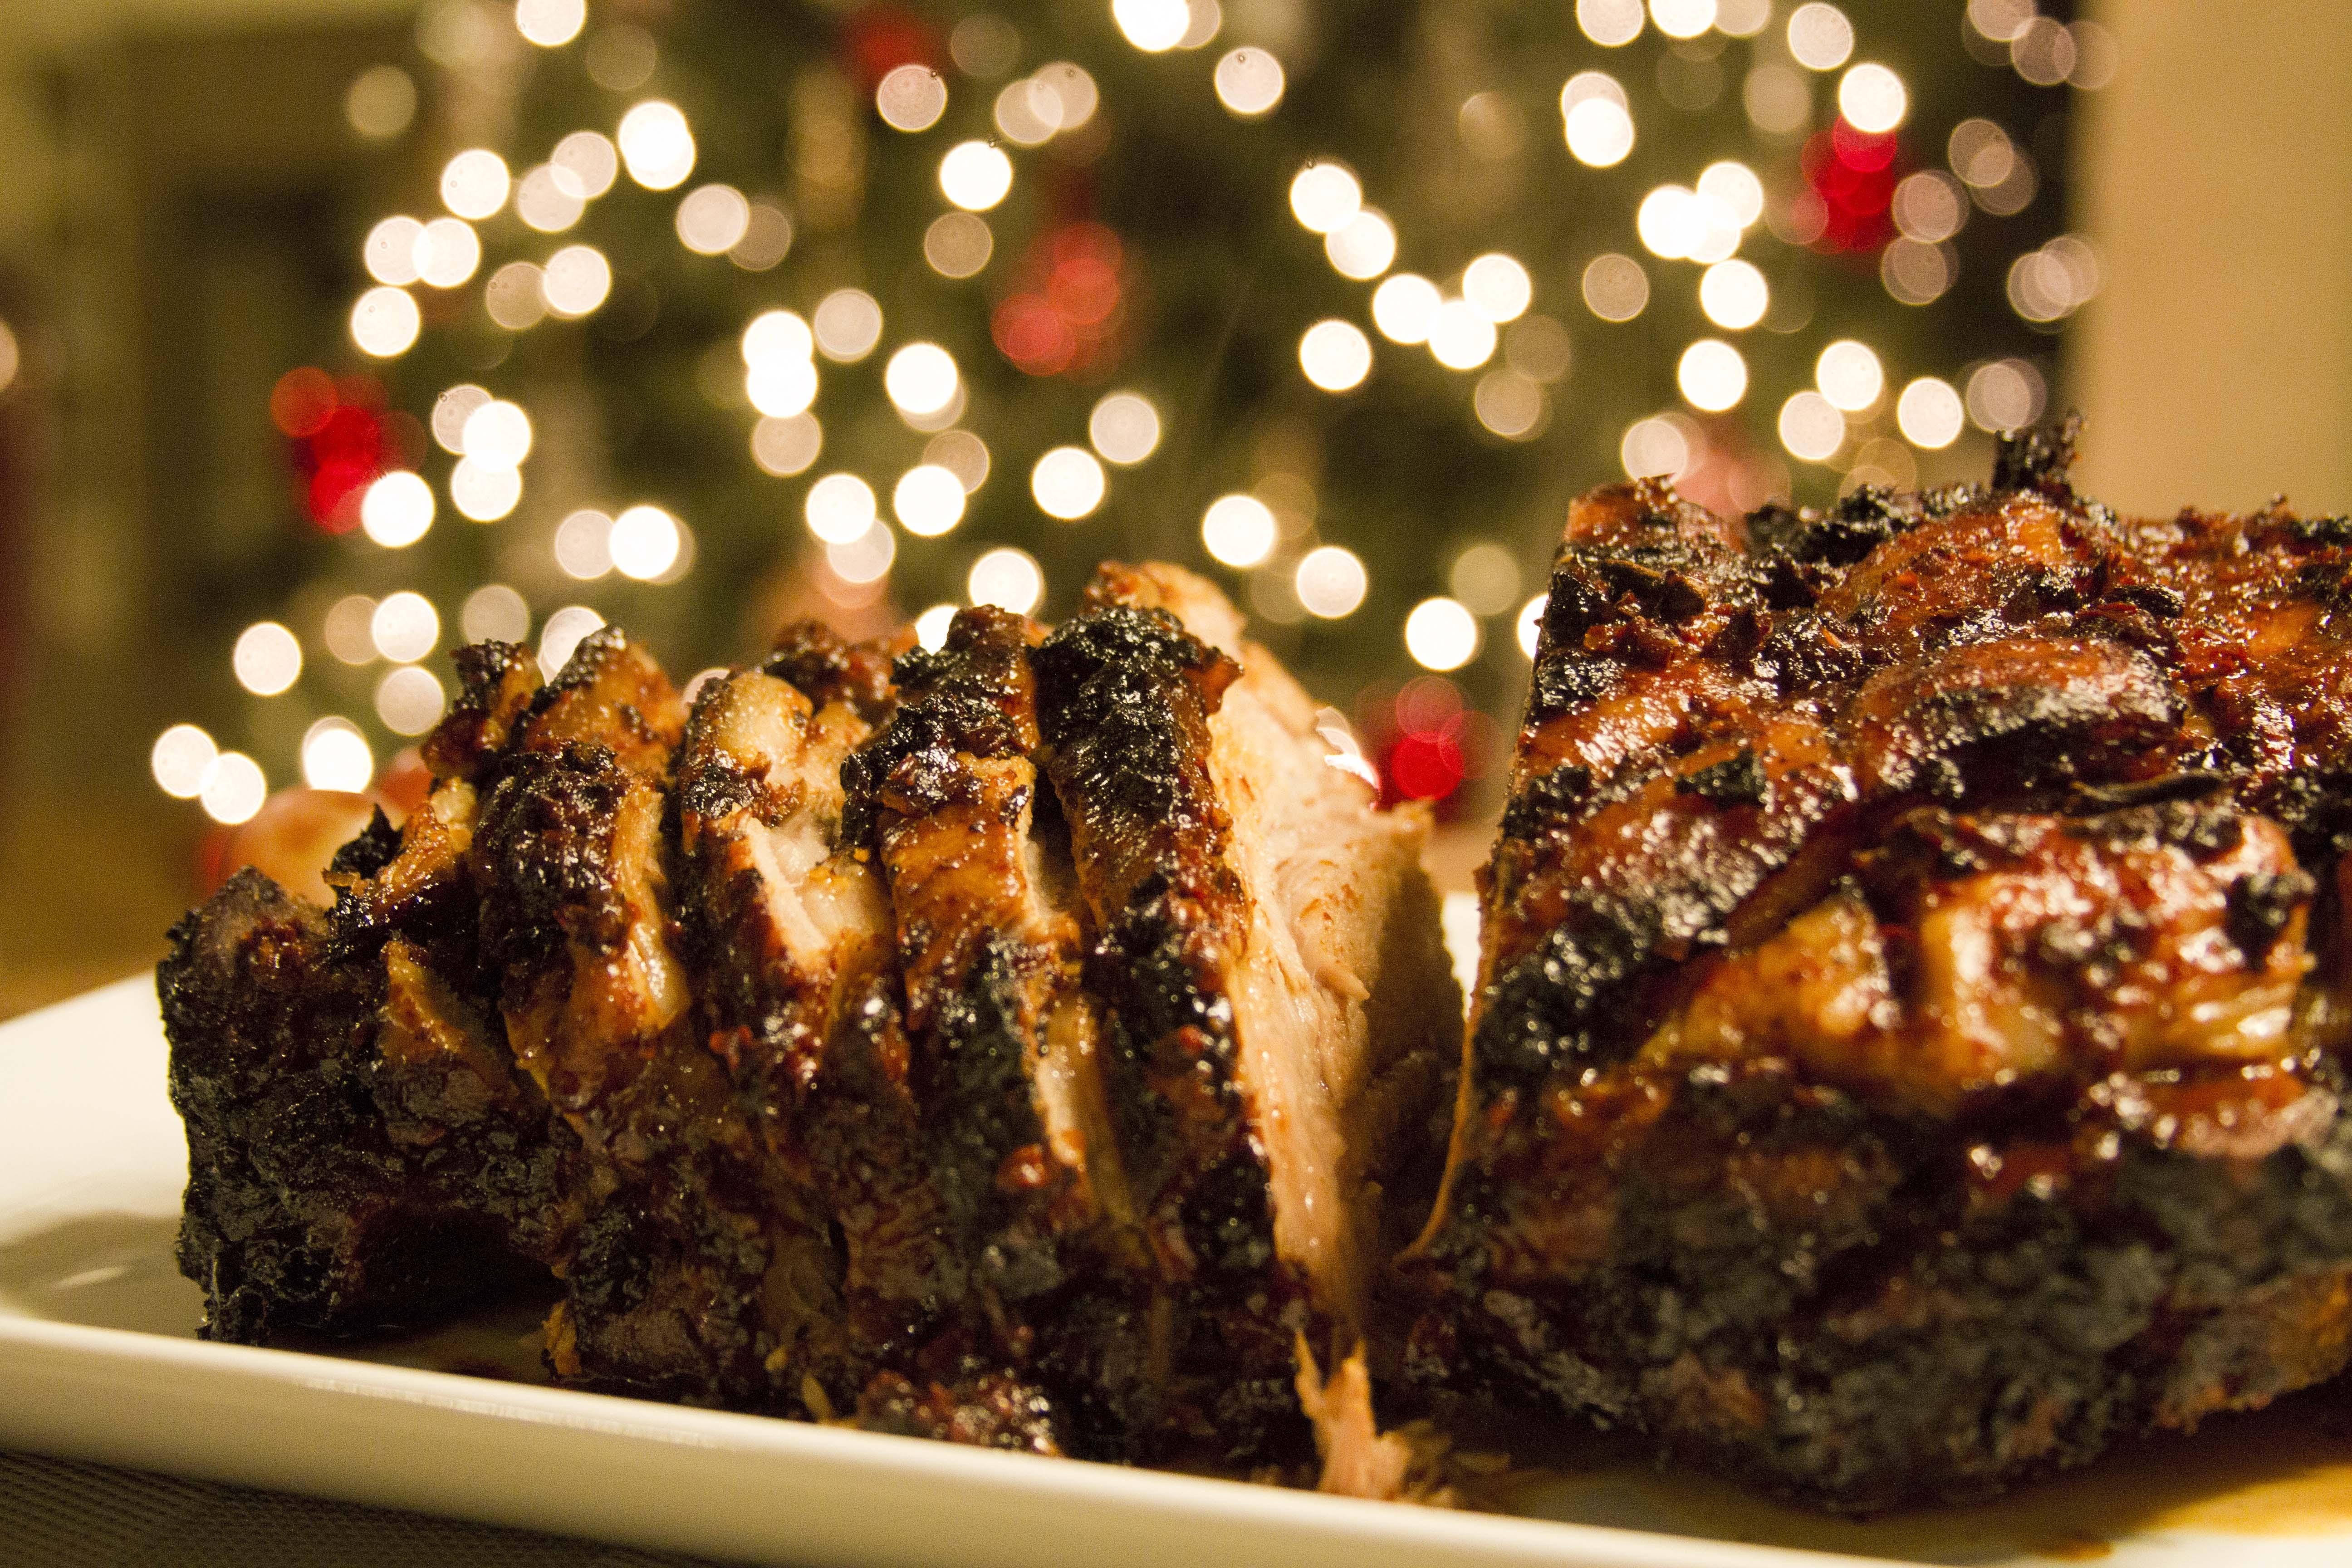 10 Deliciosos Platillos Alternativos Para La Cena Navidena - Que-preparar-para-la-cena-de-navidad